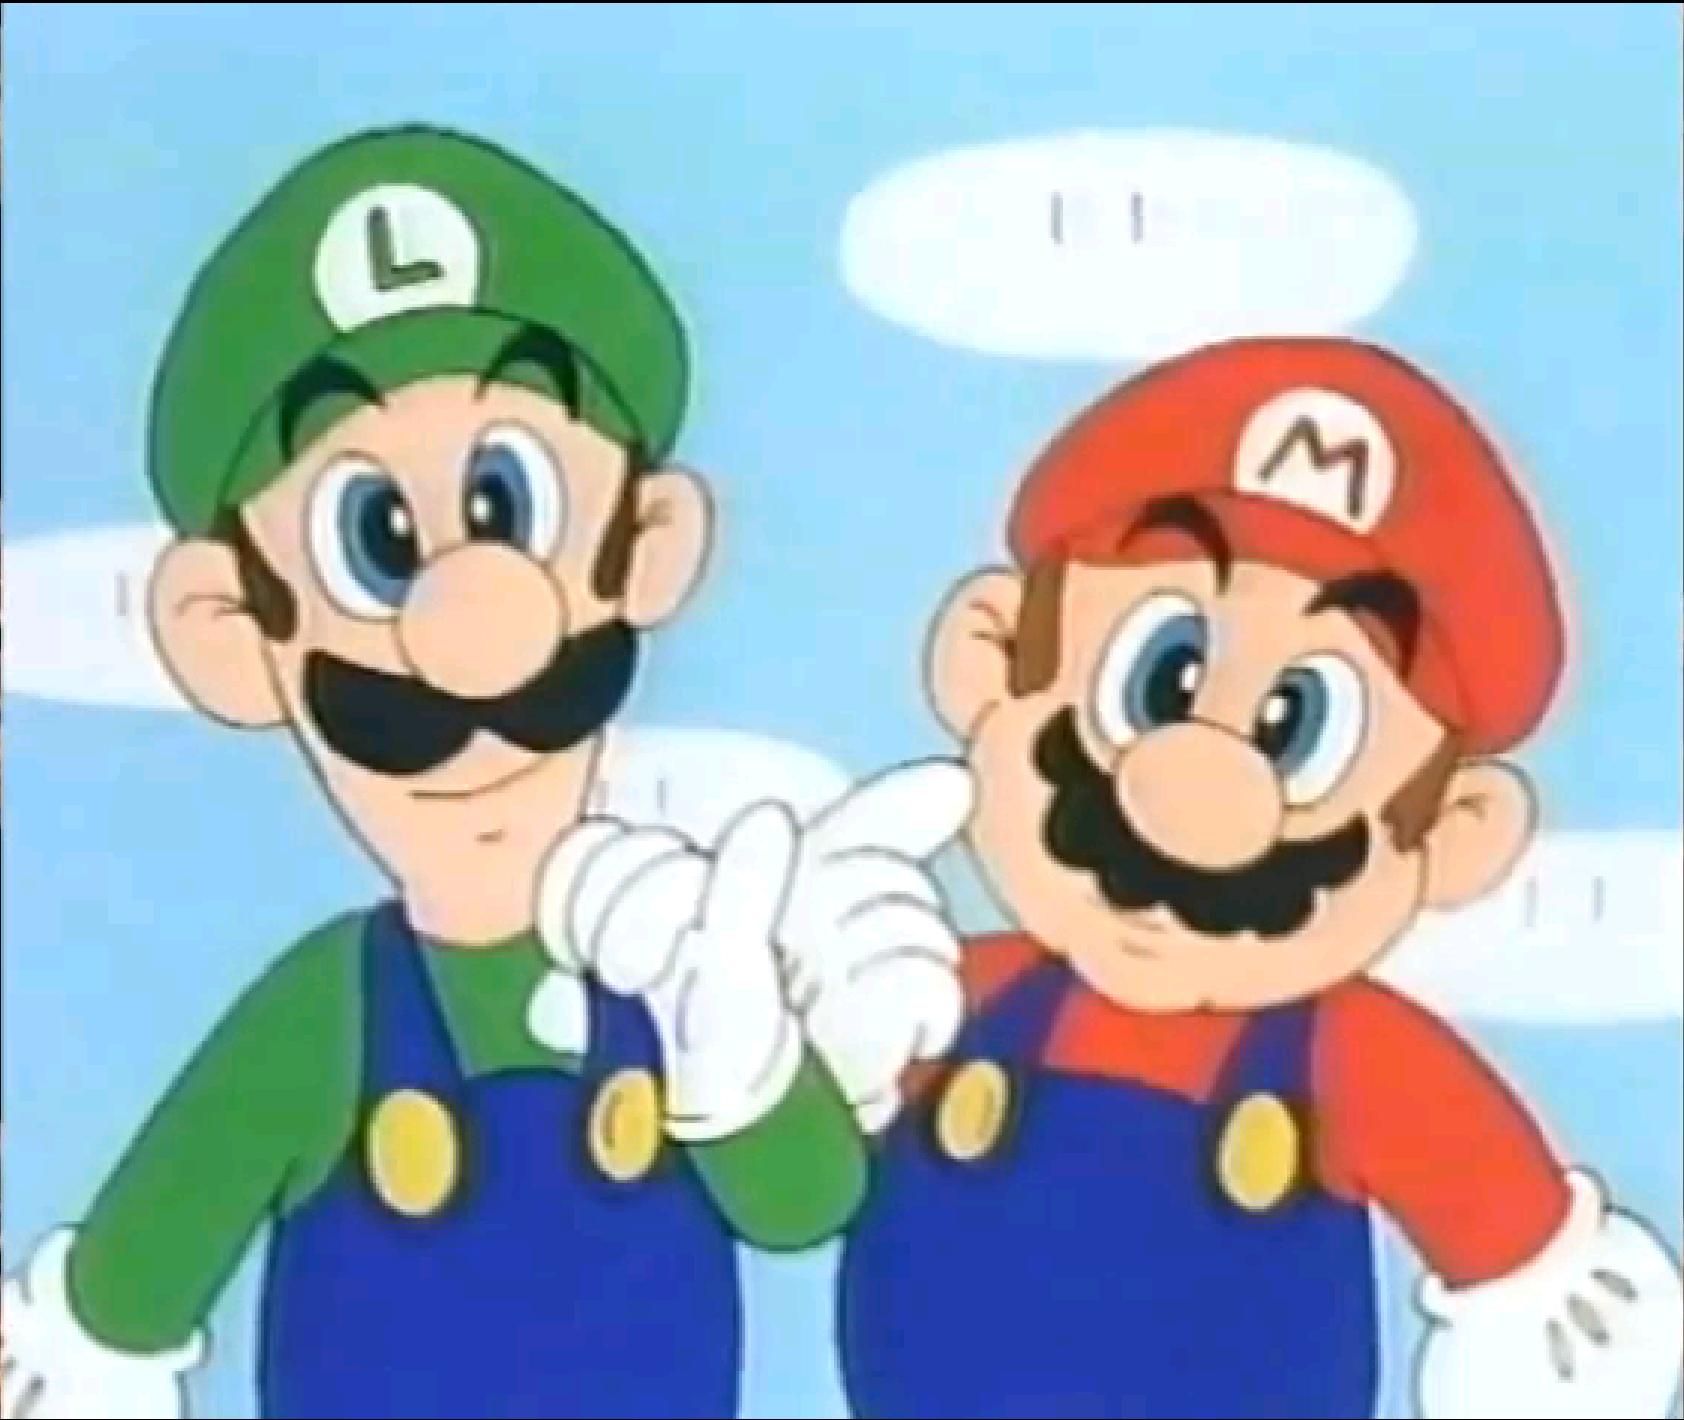 Mario And Luigi Cute Face By Princesspuccadominyo On Deviantart